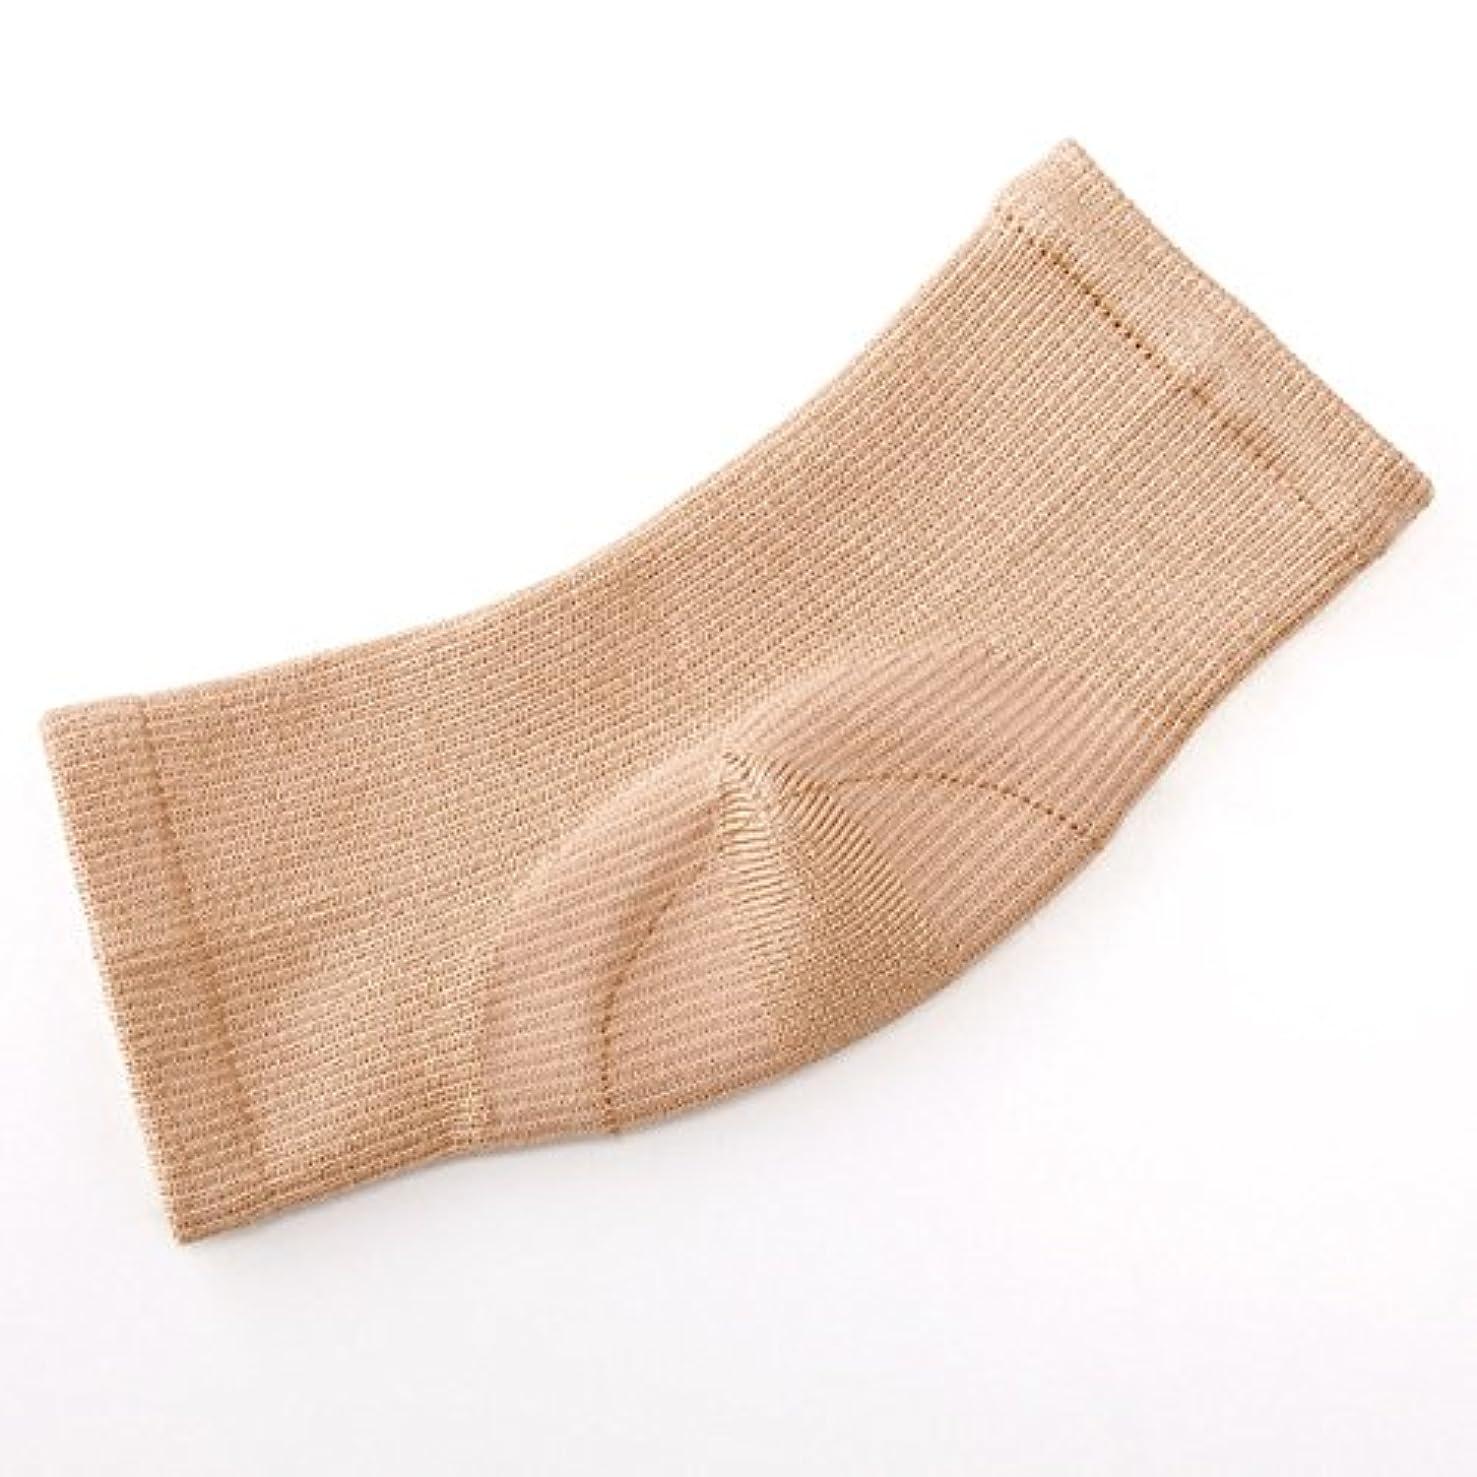 ファンネルウェブスパイダーいつスキーシルク混かかと足裏つるるん シルク混 フットカバー かかと 保湿 フットケア 靴下